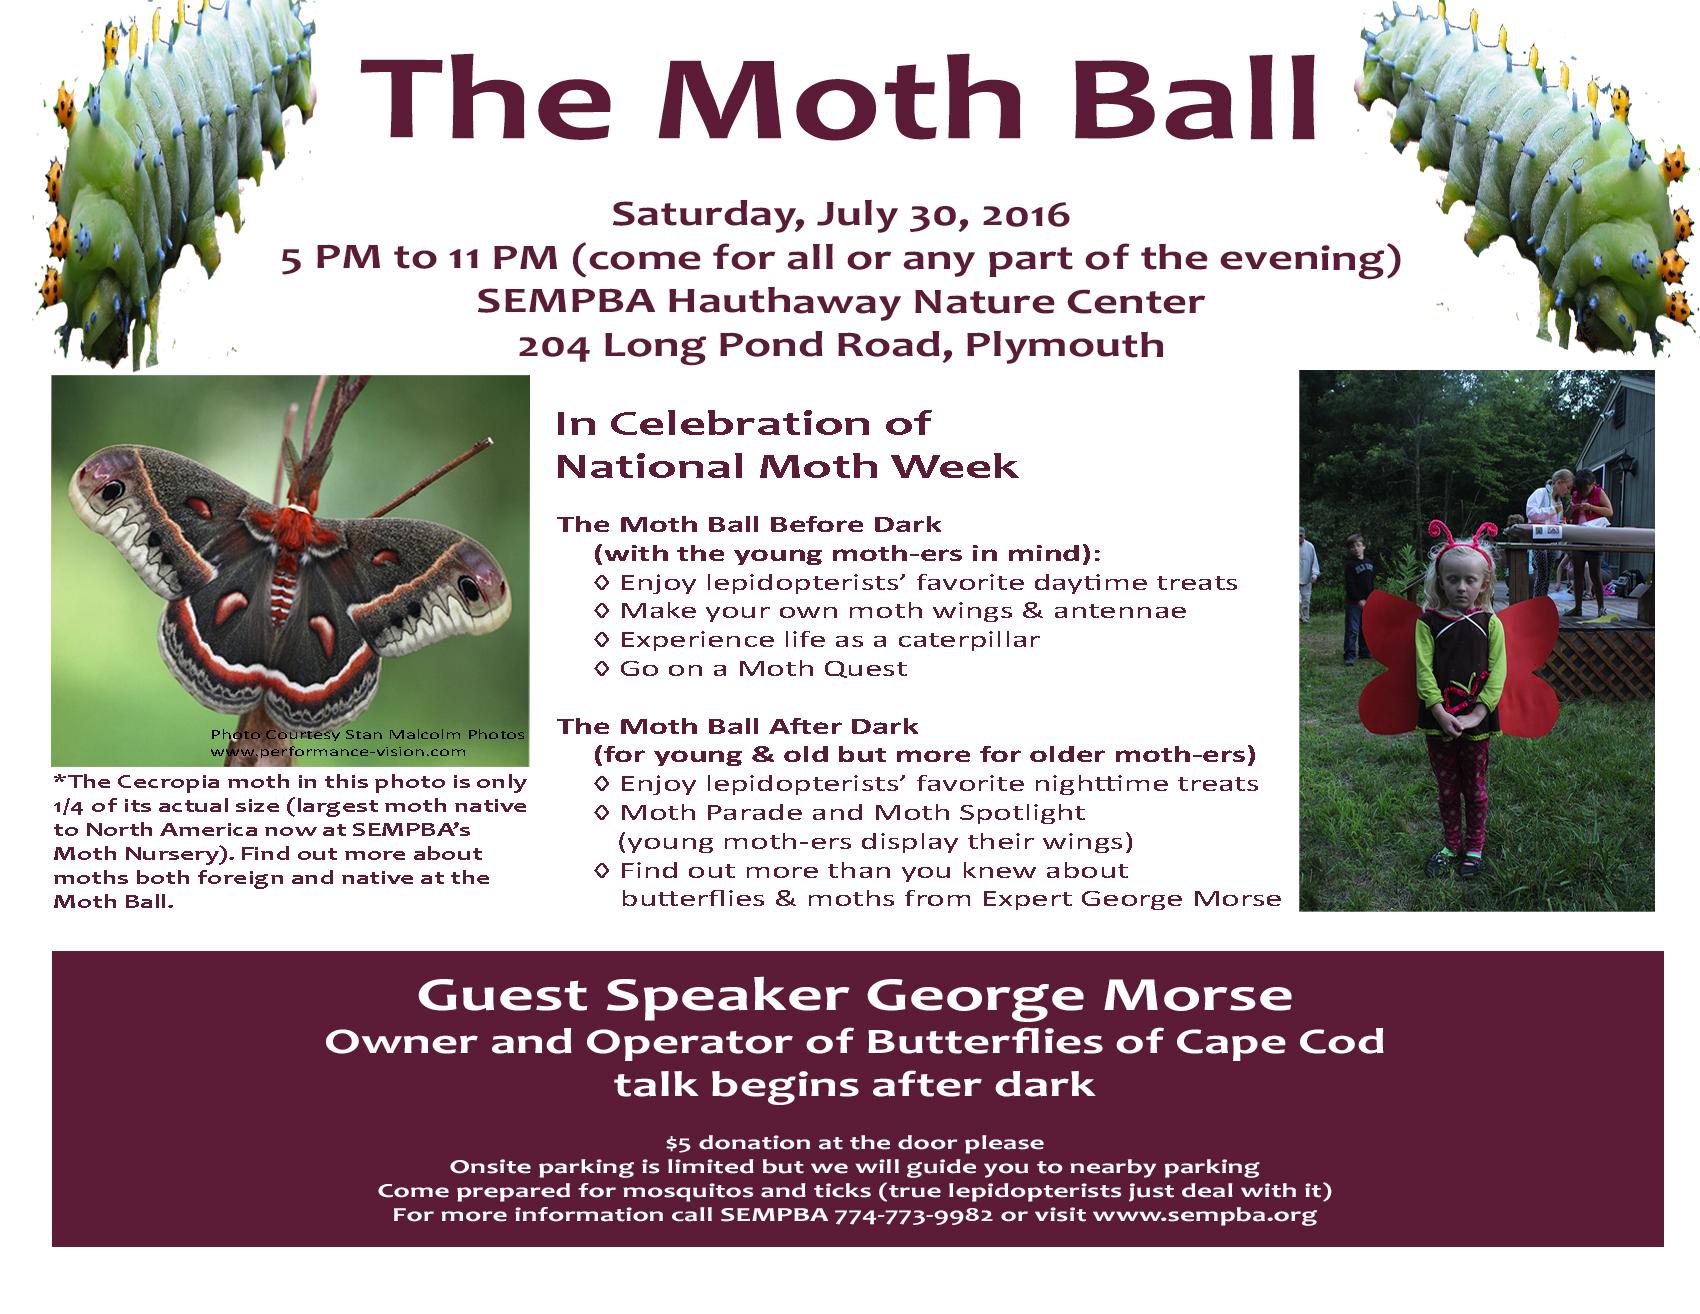 moth ball v.5.20.2016